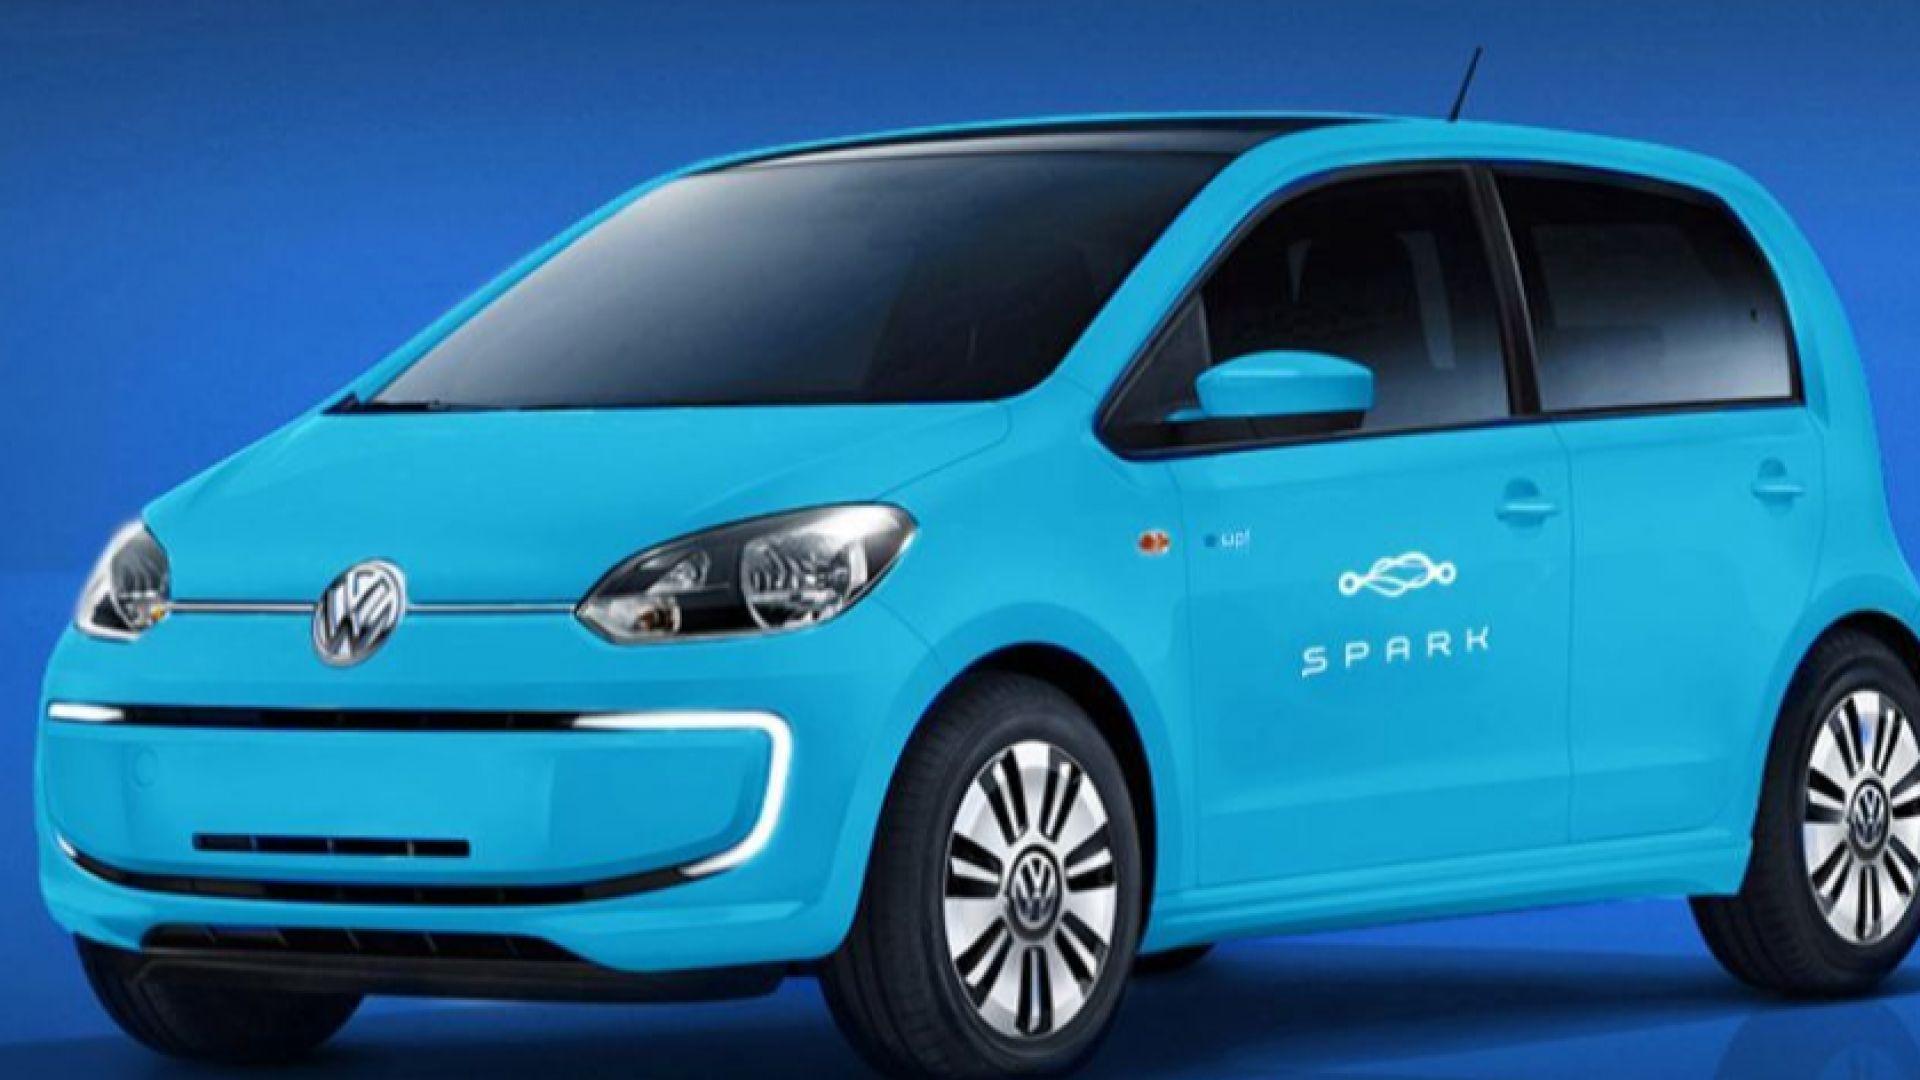 Още 170 електромобила в услугата за споделена мобилност в София